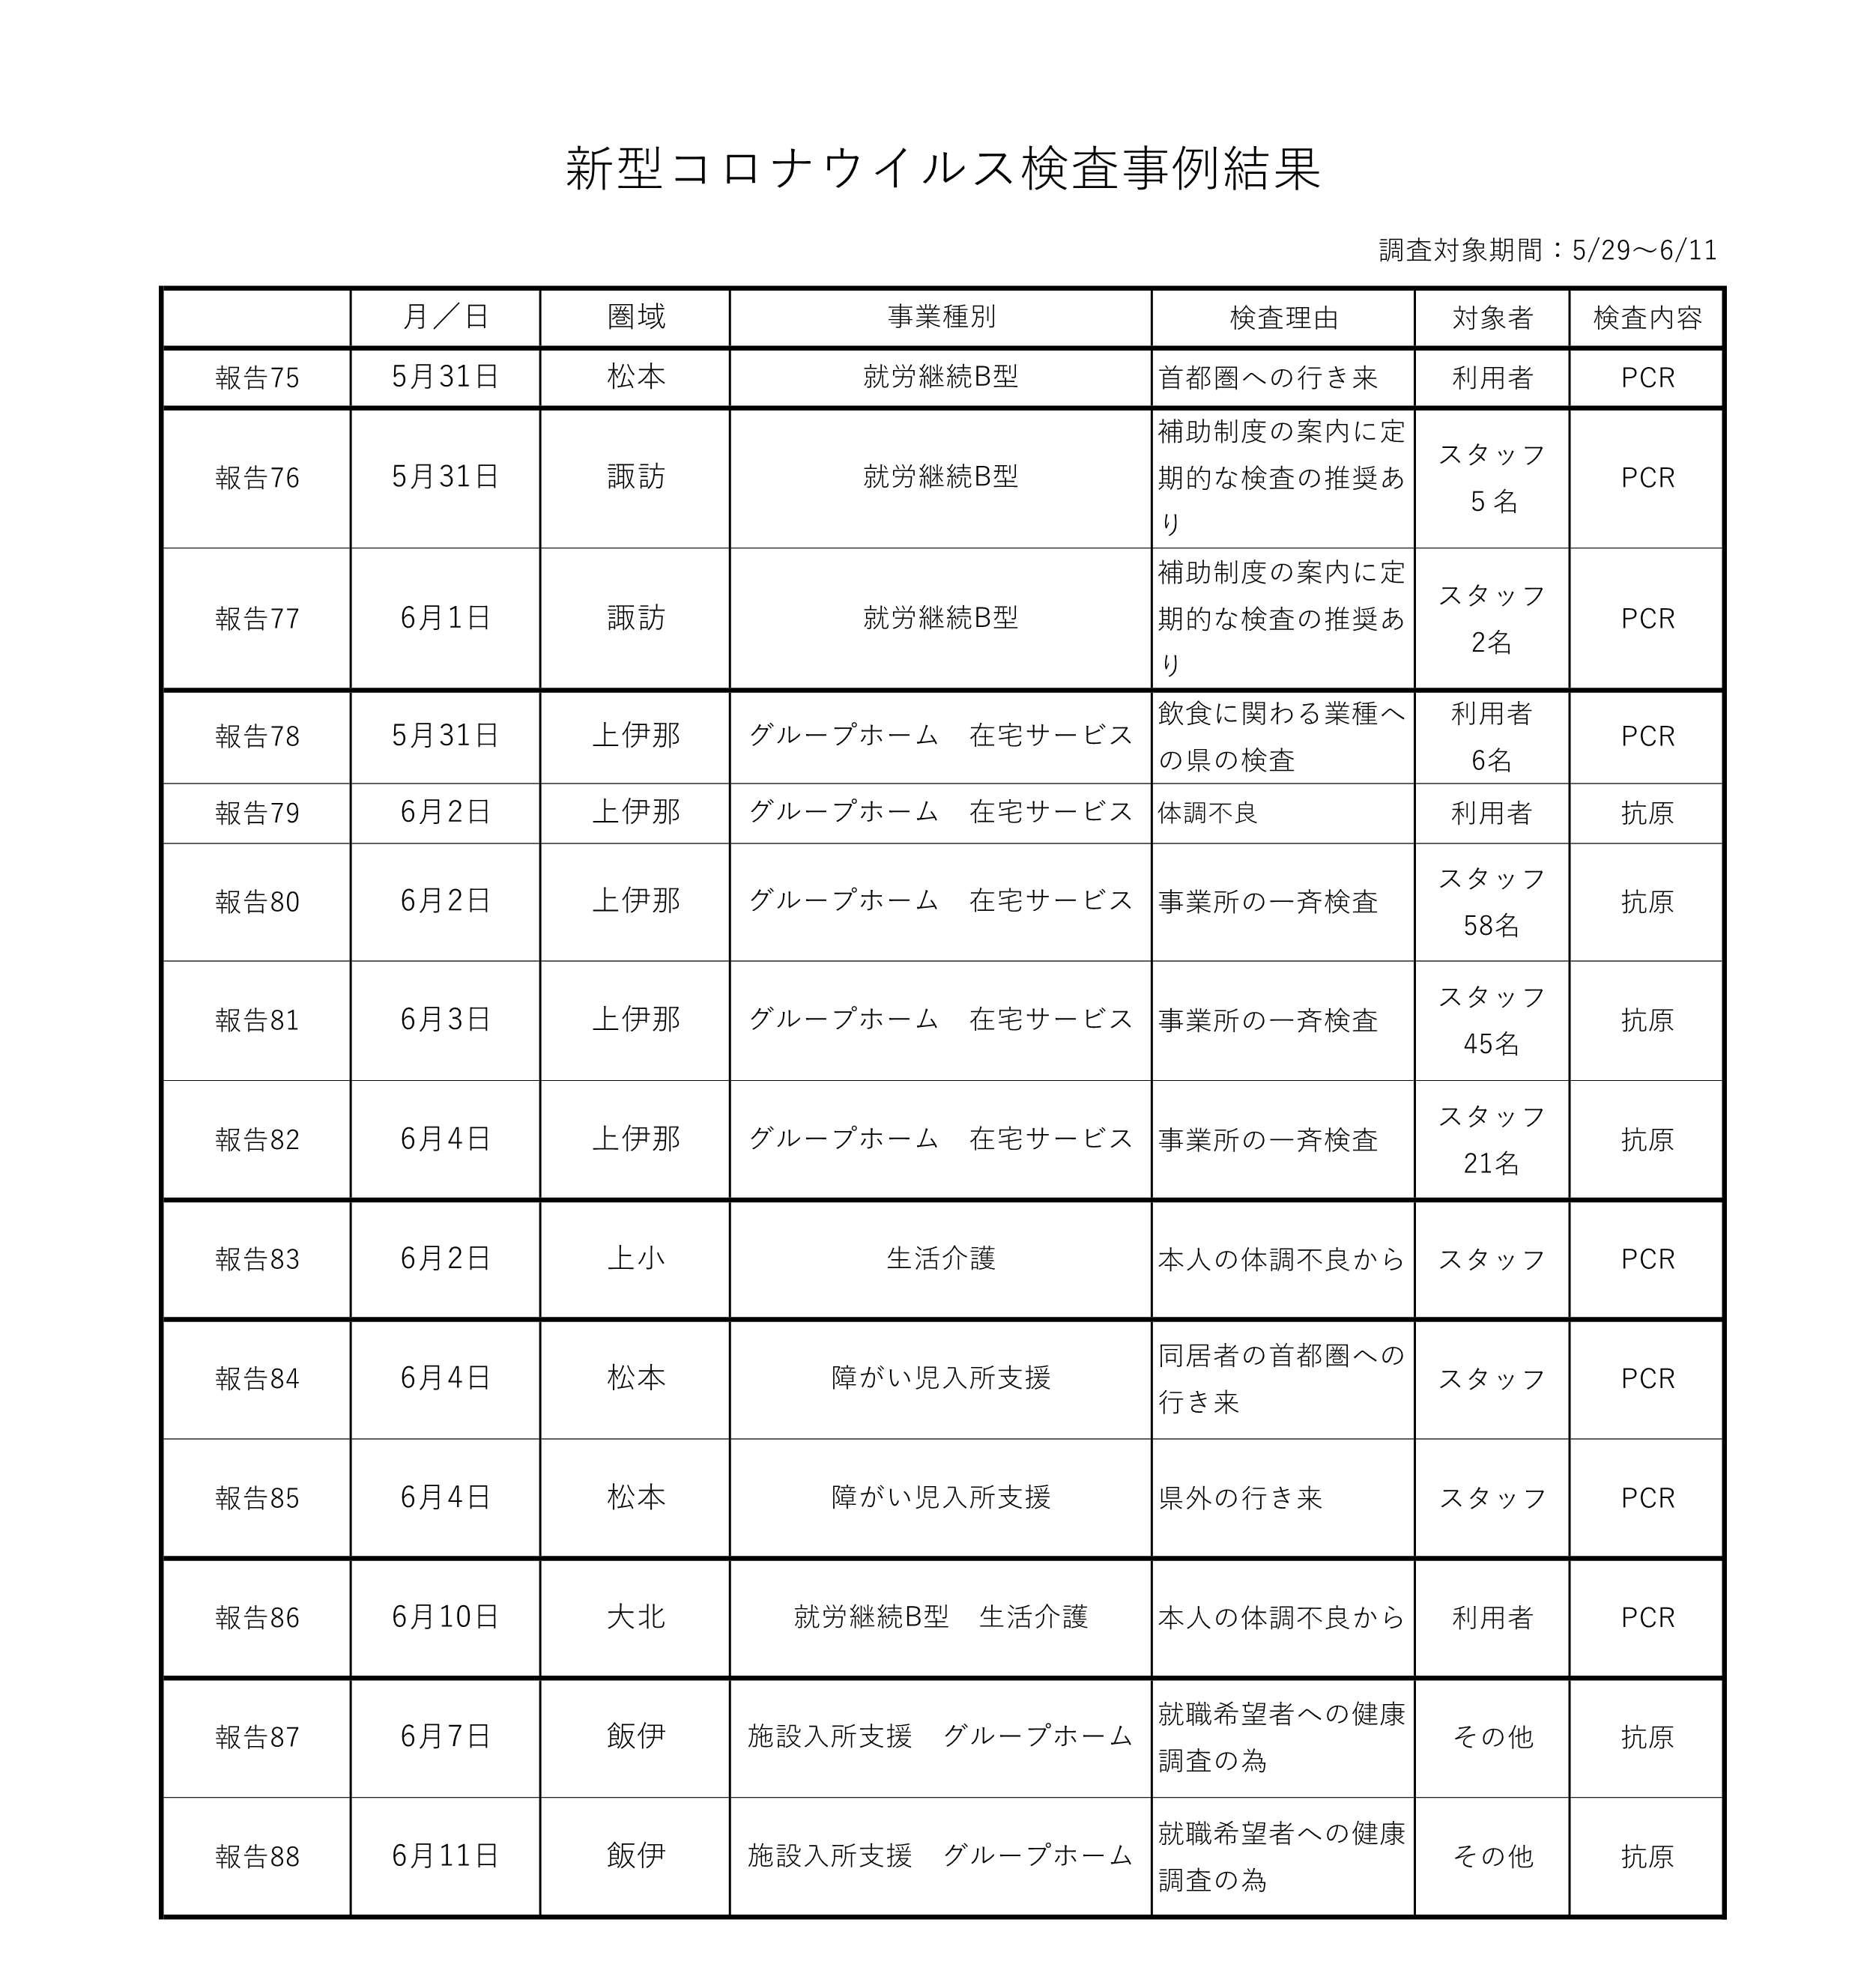 新型コロナウイルス検査事例結果 5-29~6-11